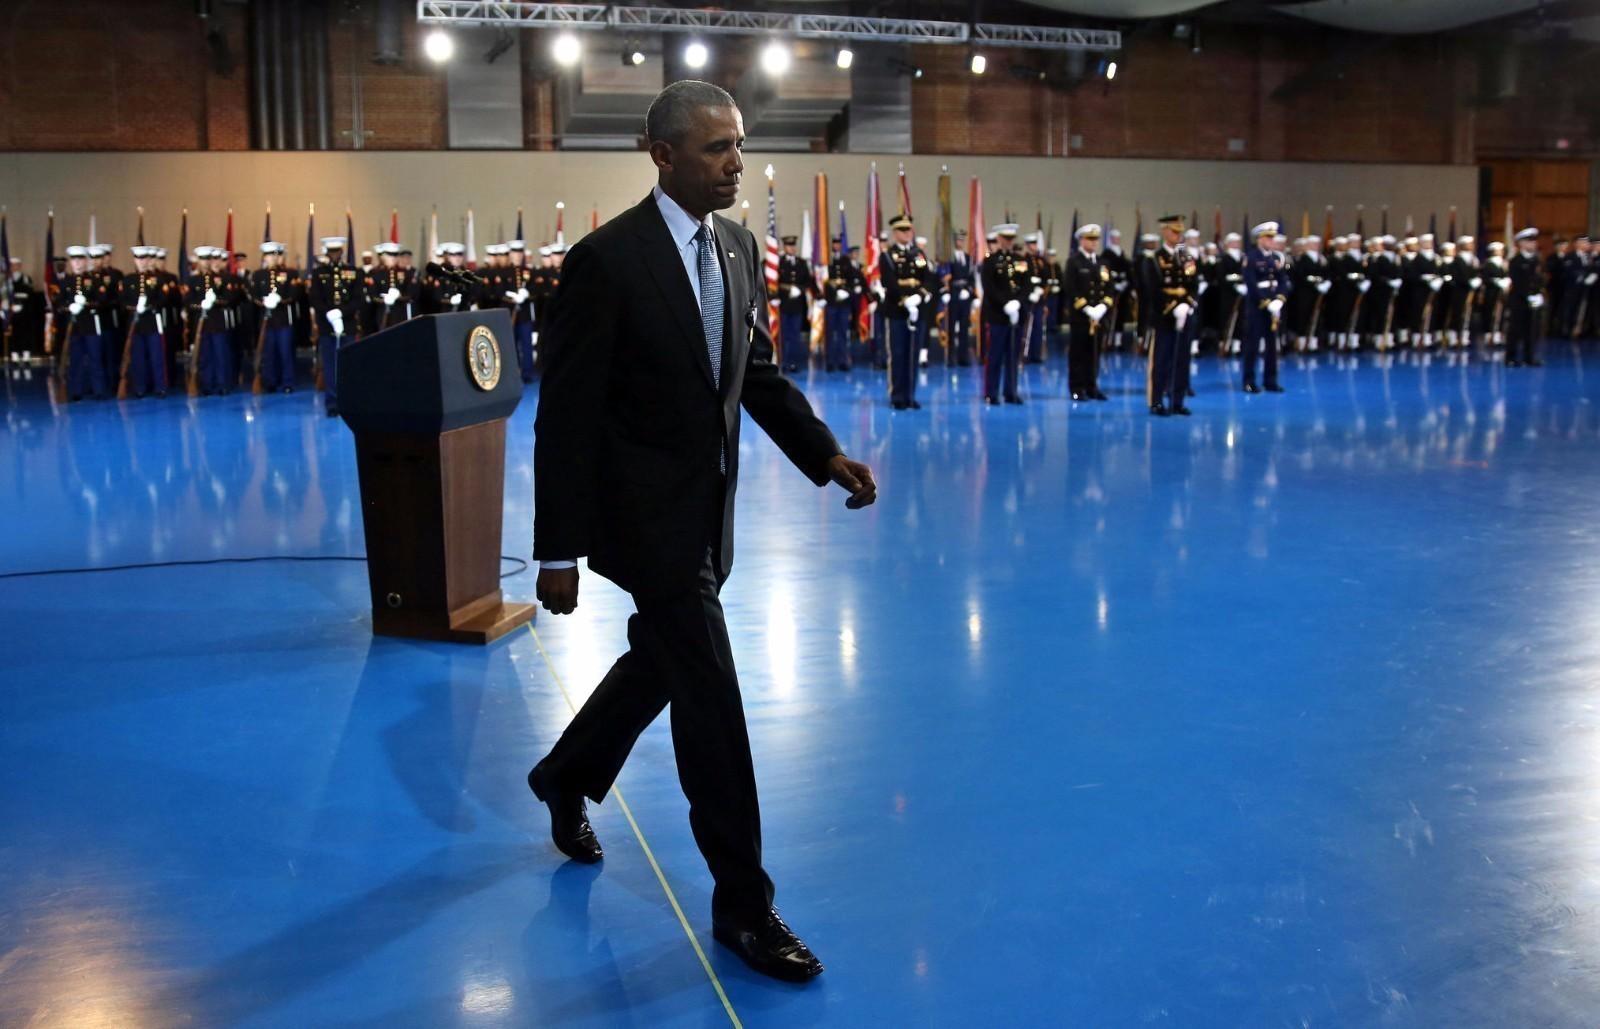 总统告别仪式:奥巴马表情凝重 士兵虚脱昏迷